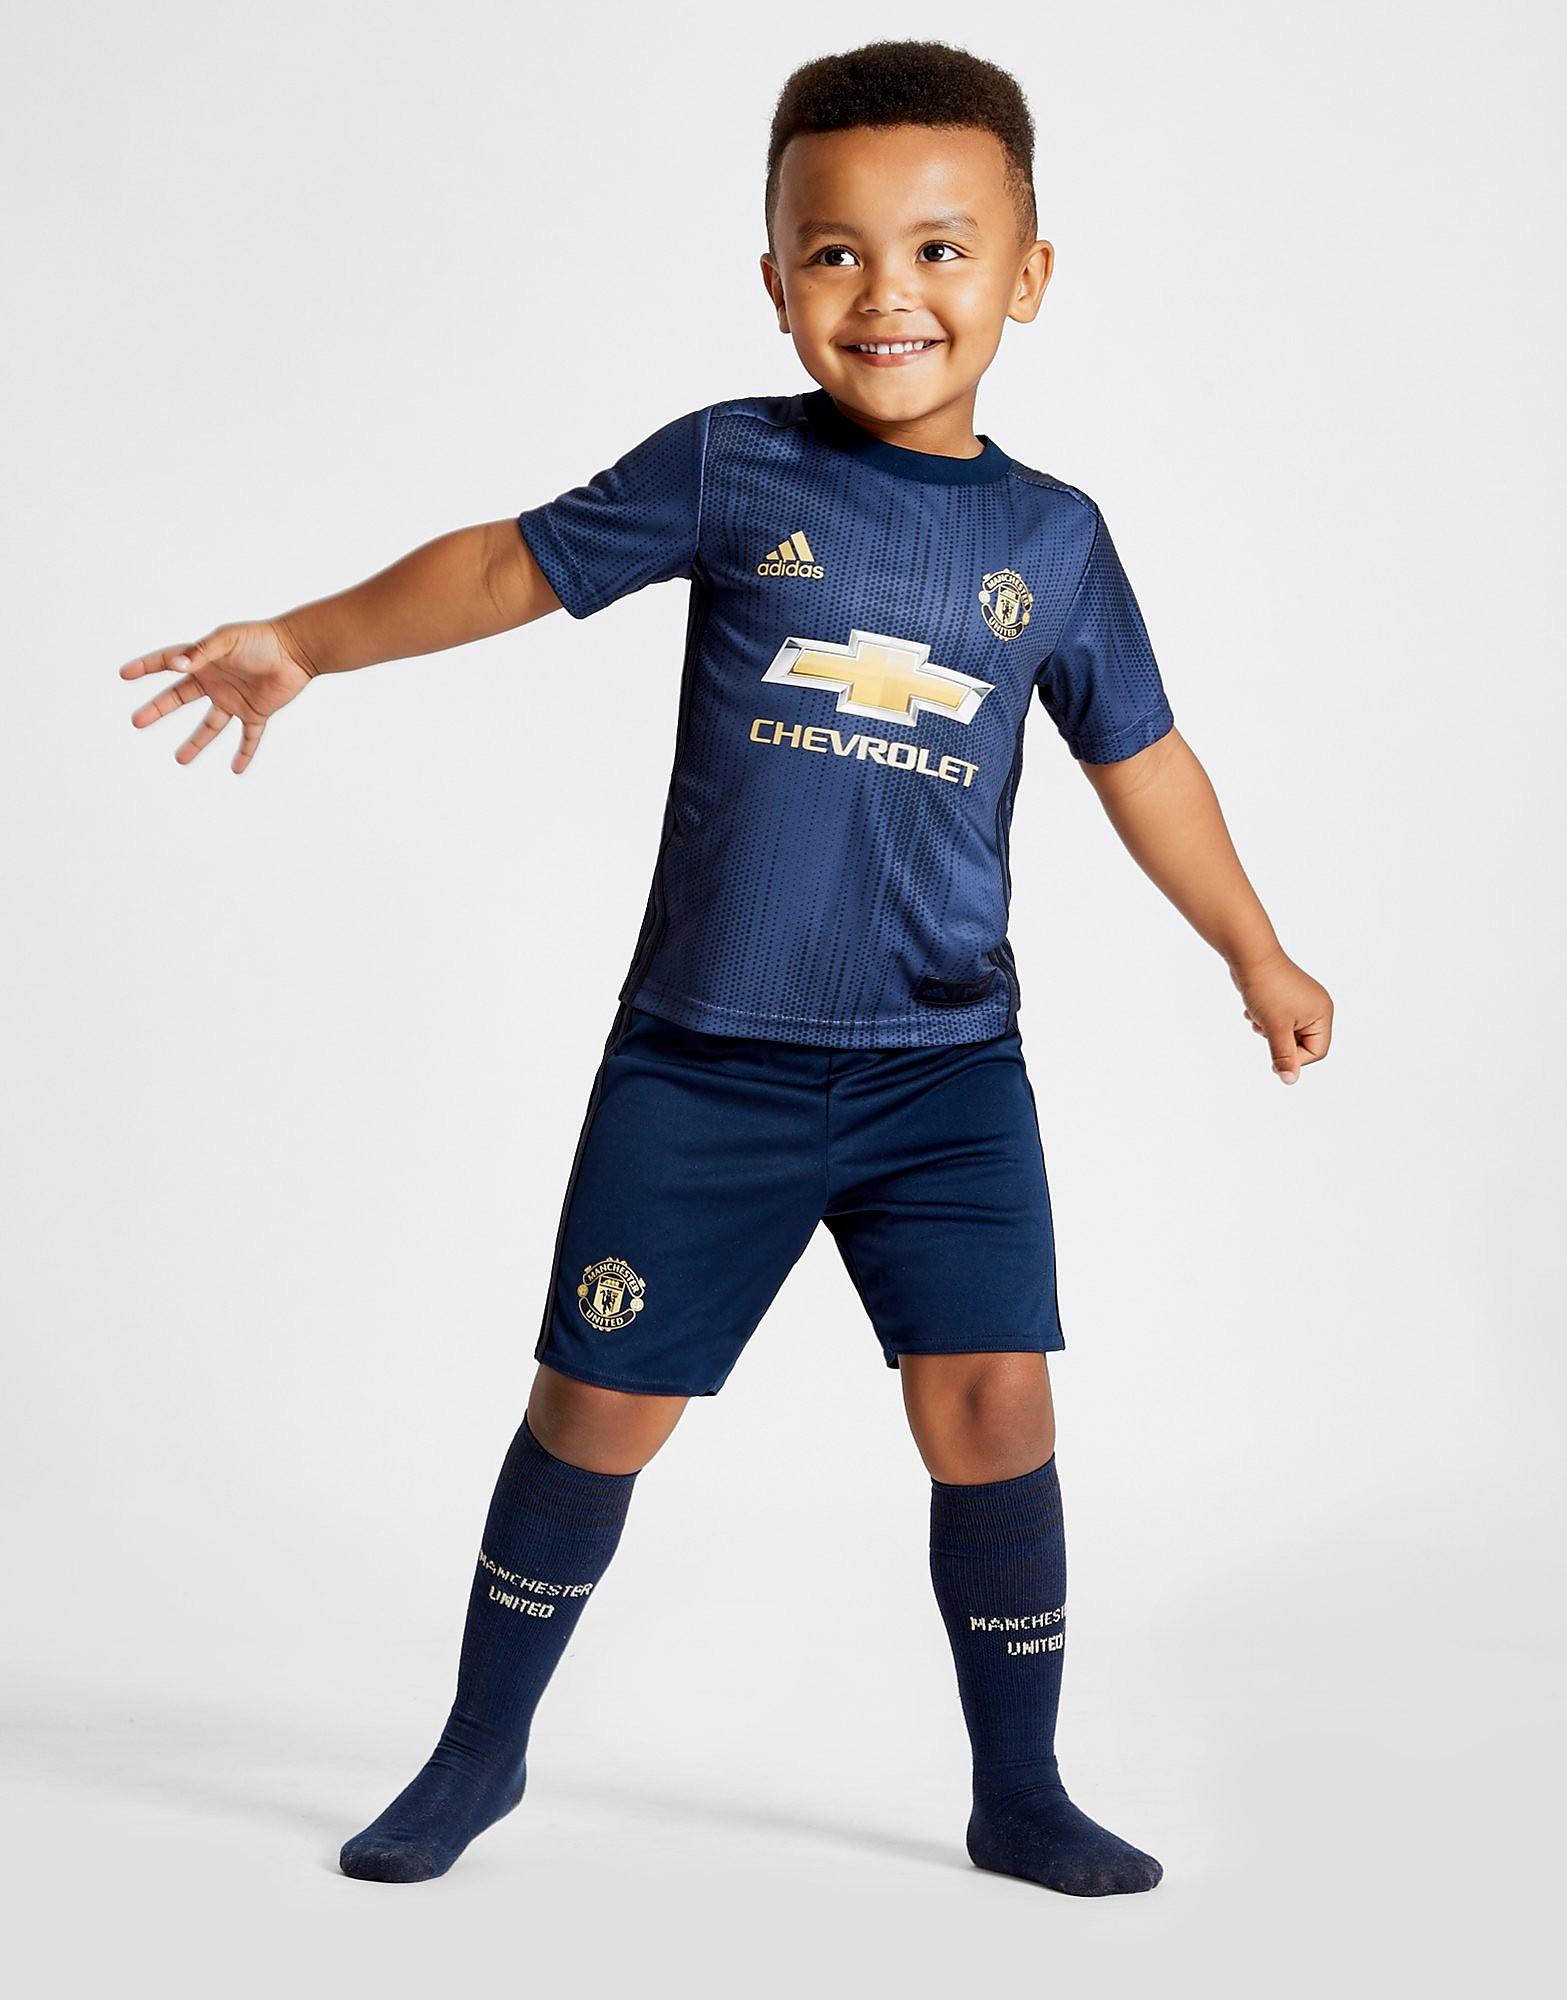 adidas Manchester United 2018/19 Third Kit Kinderen - Blauw - Kind